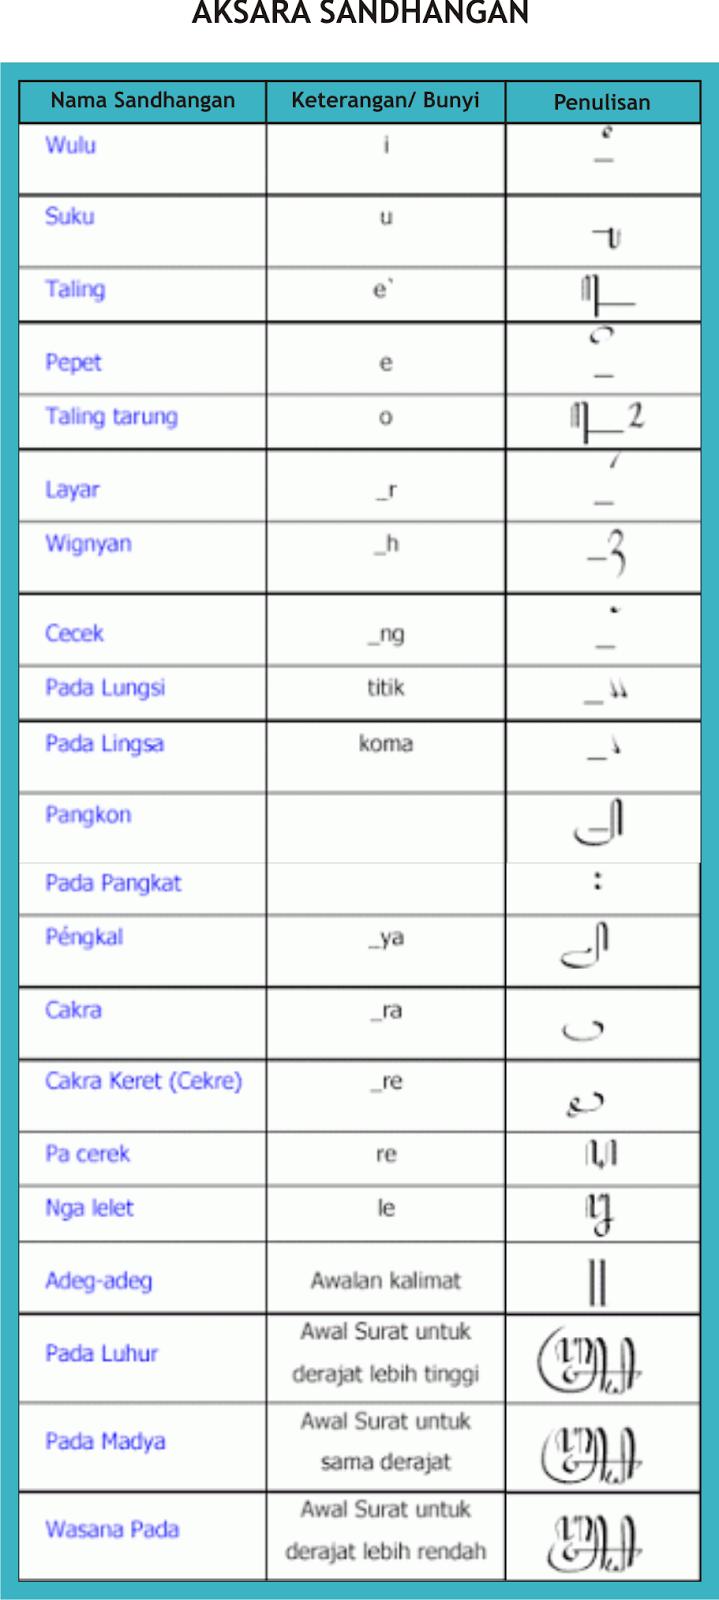 Sandhangan Aksara Jawa